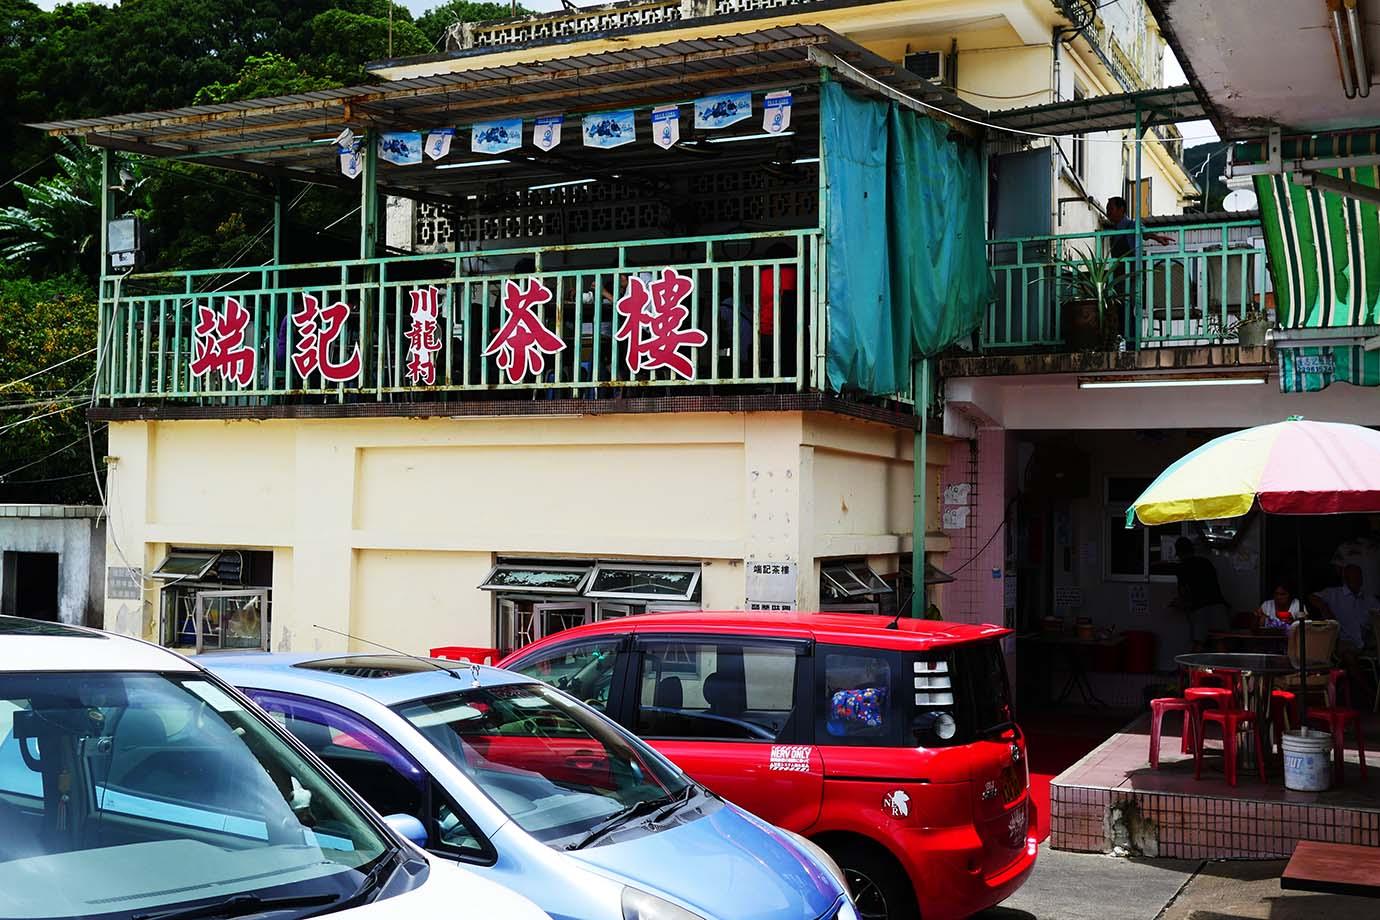 hongkong-duanji-tea-house7